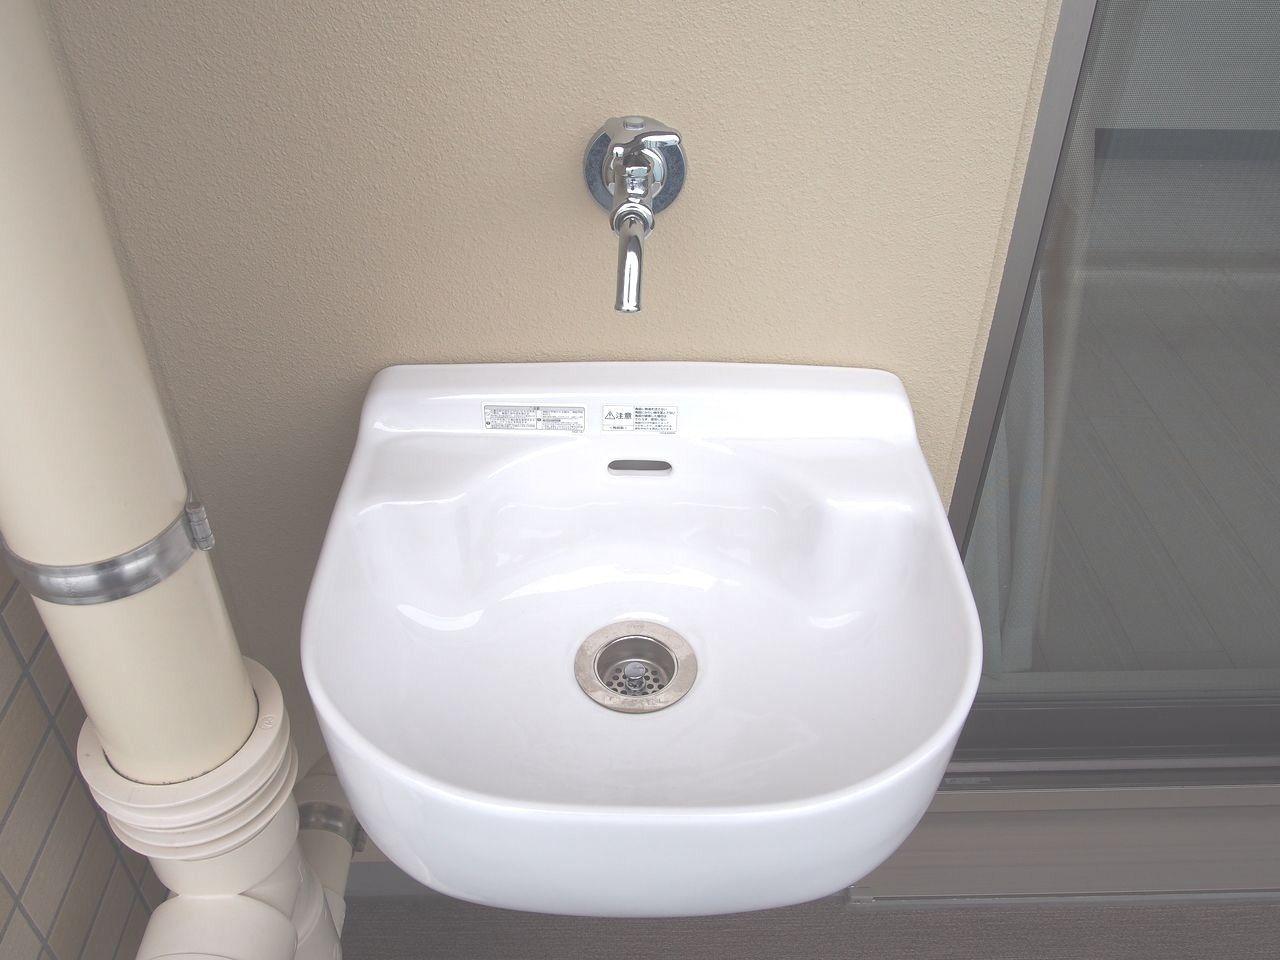 バルコニーの清掃やガーデニングの水やり、窓掃除をしたときの汚れや靴など汚れがひどいとき、洗面所や浴室を使用することなく洗い流すことができます。